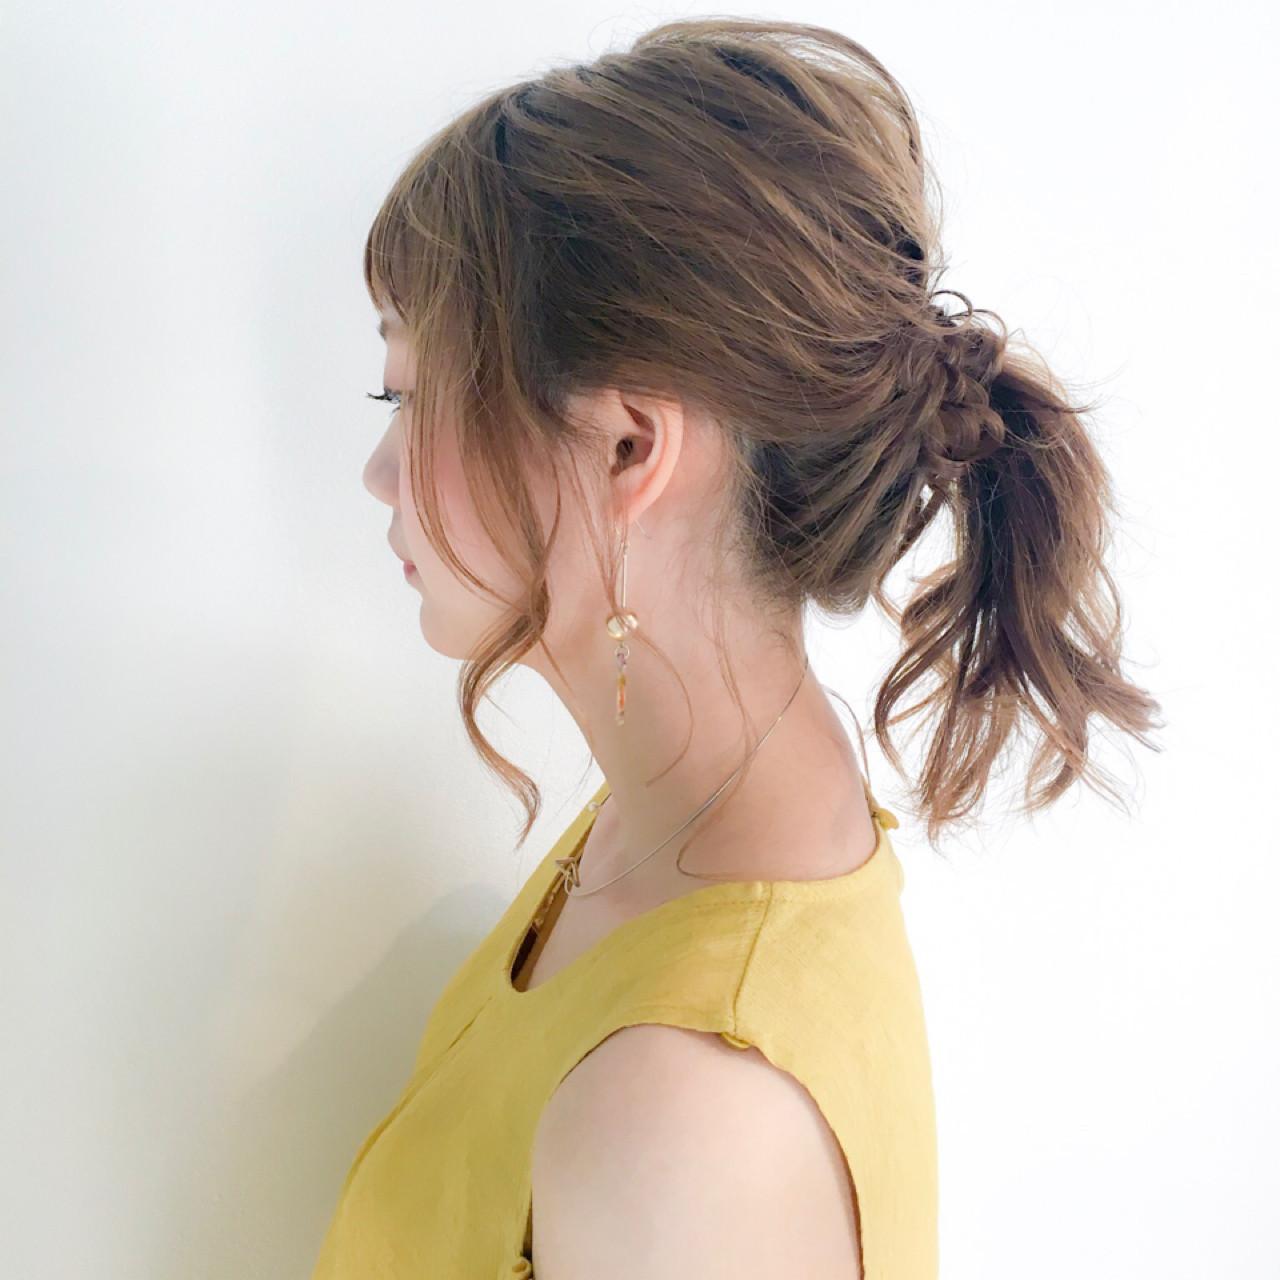 【簡単】オフィス向けセミロングの結び方ガイド♪きれいめまとめ髪で上品に 美容師 HIRO